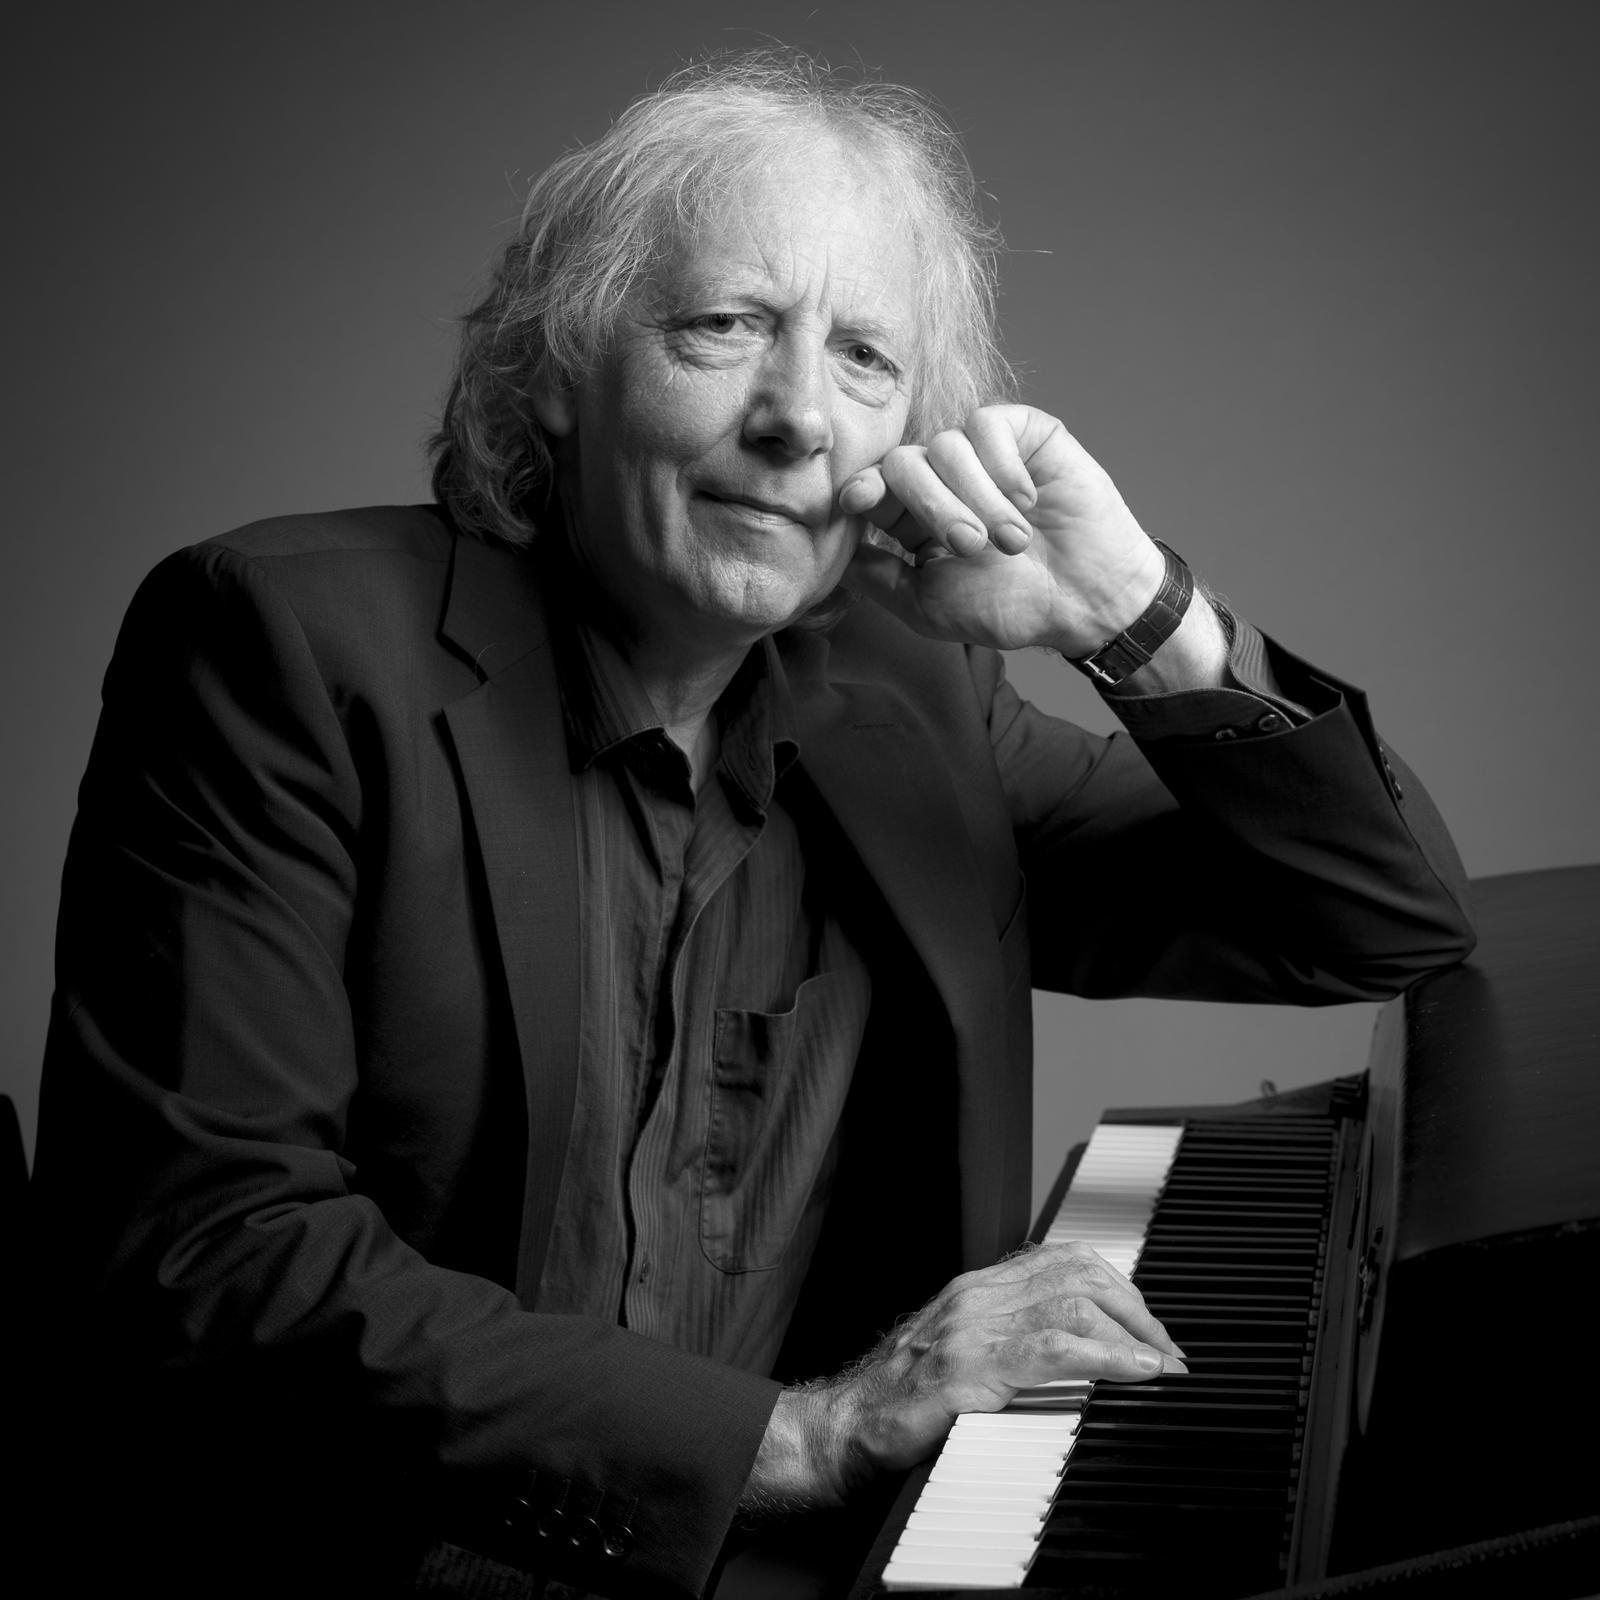 Foto van een muzikant aan een piano portret